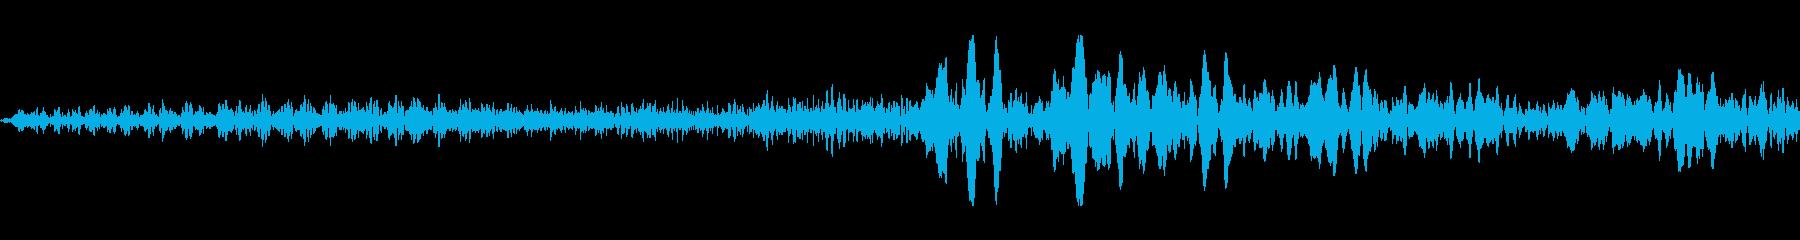 夜の道路の音の再生済みの波形